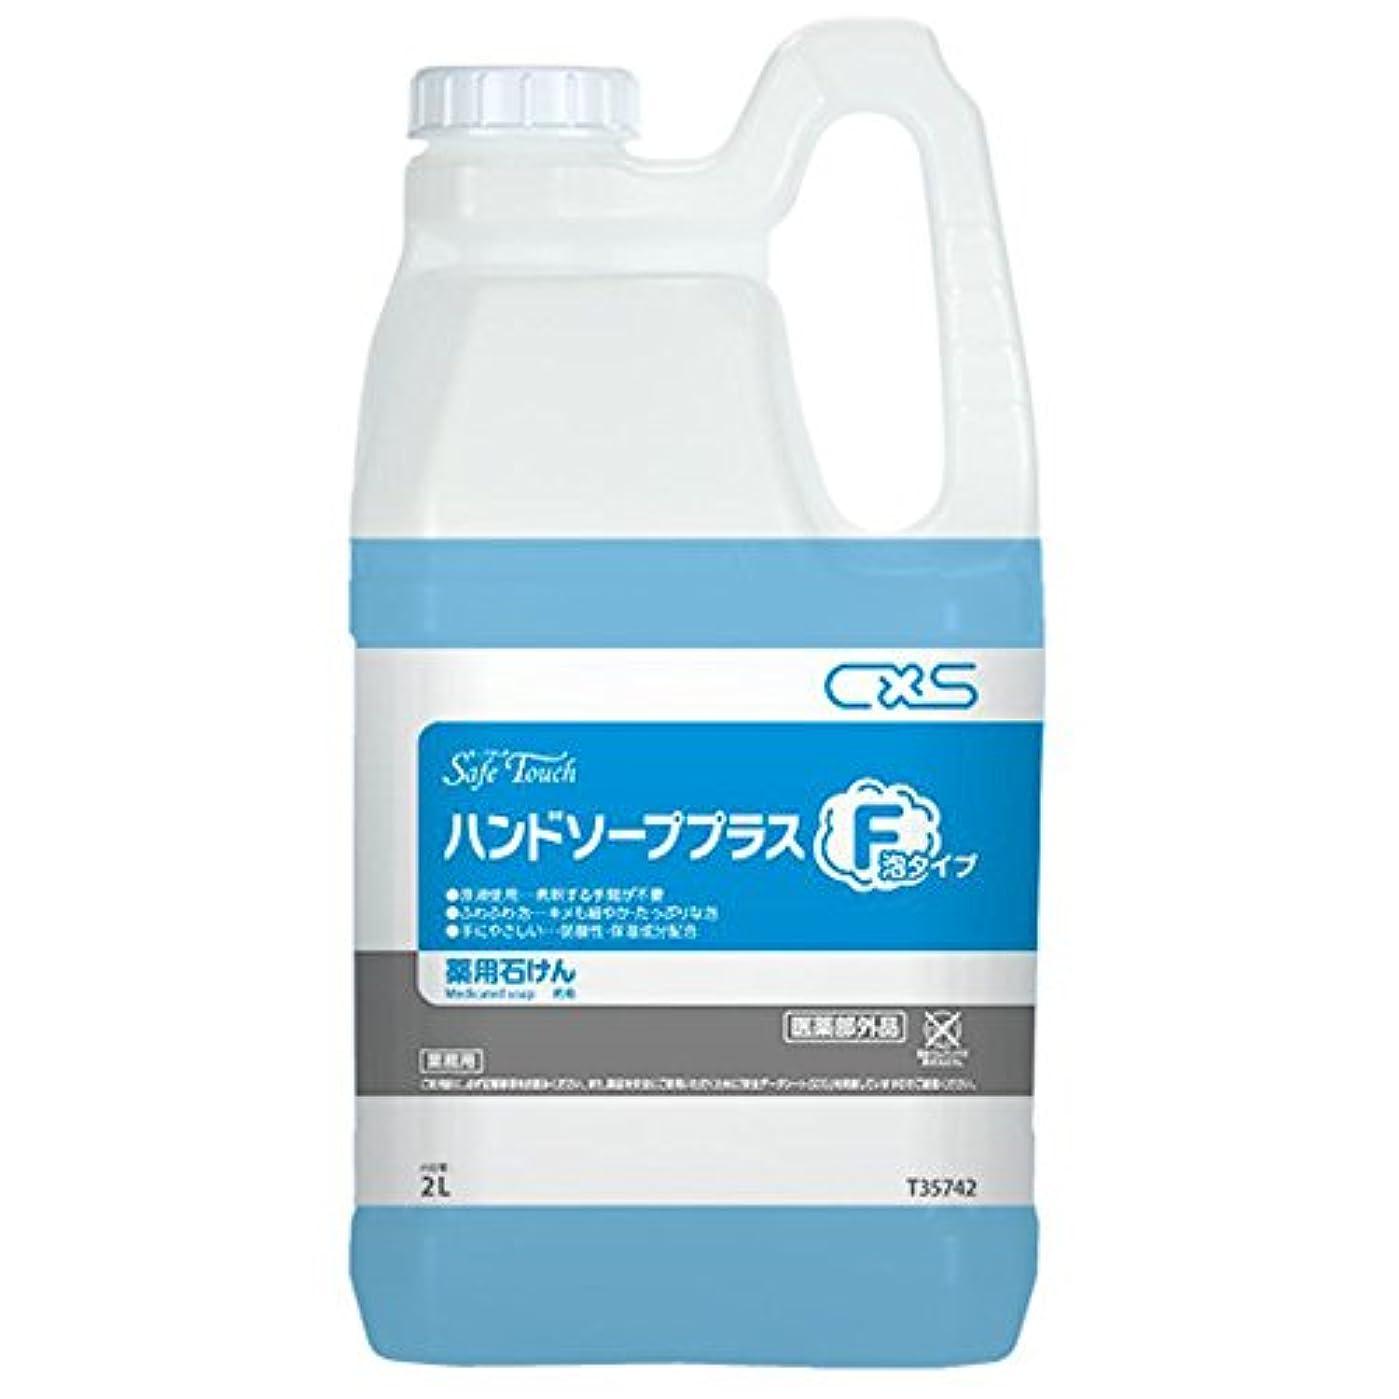 結晶減衰カプラーシーバイエス(C×S) 殺菌?消毒用手洗い石けん セーフタッチハンドソーププラスF 2L